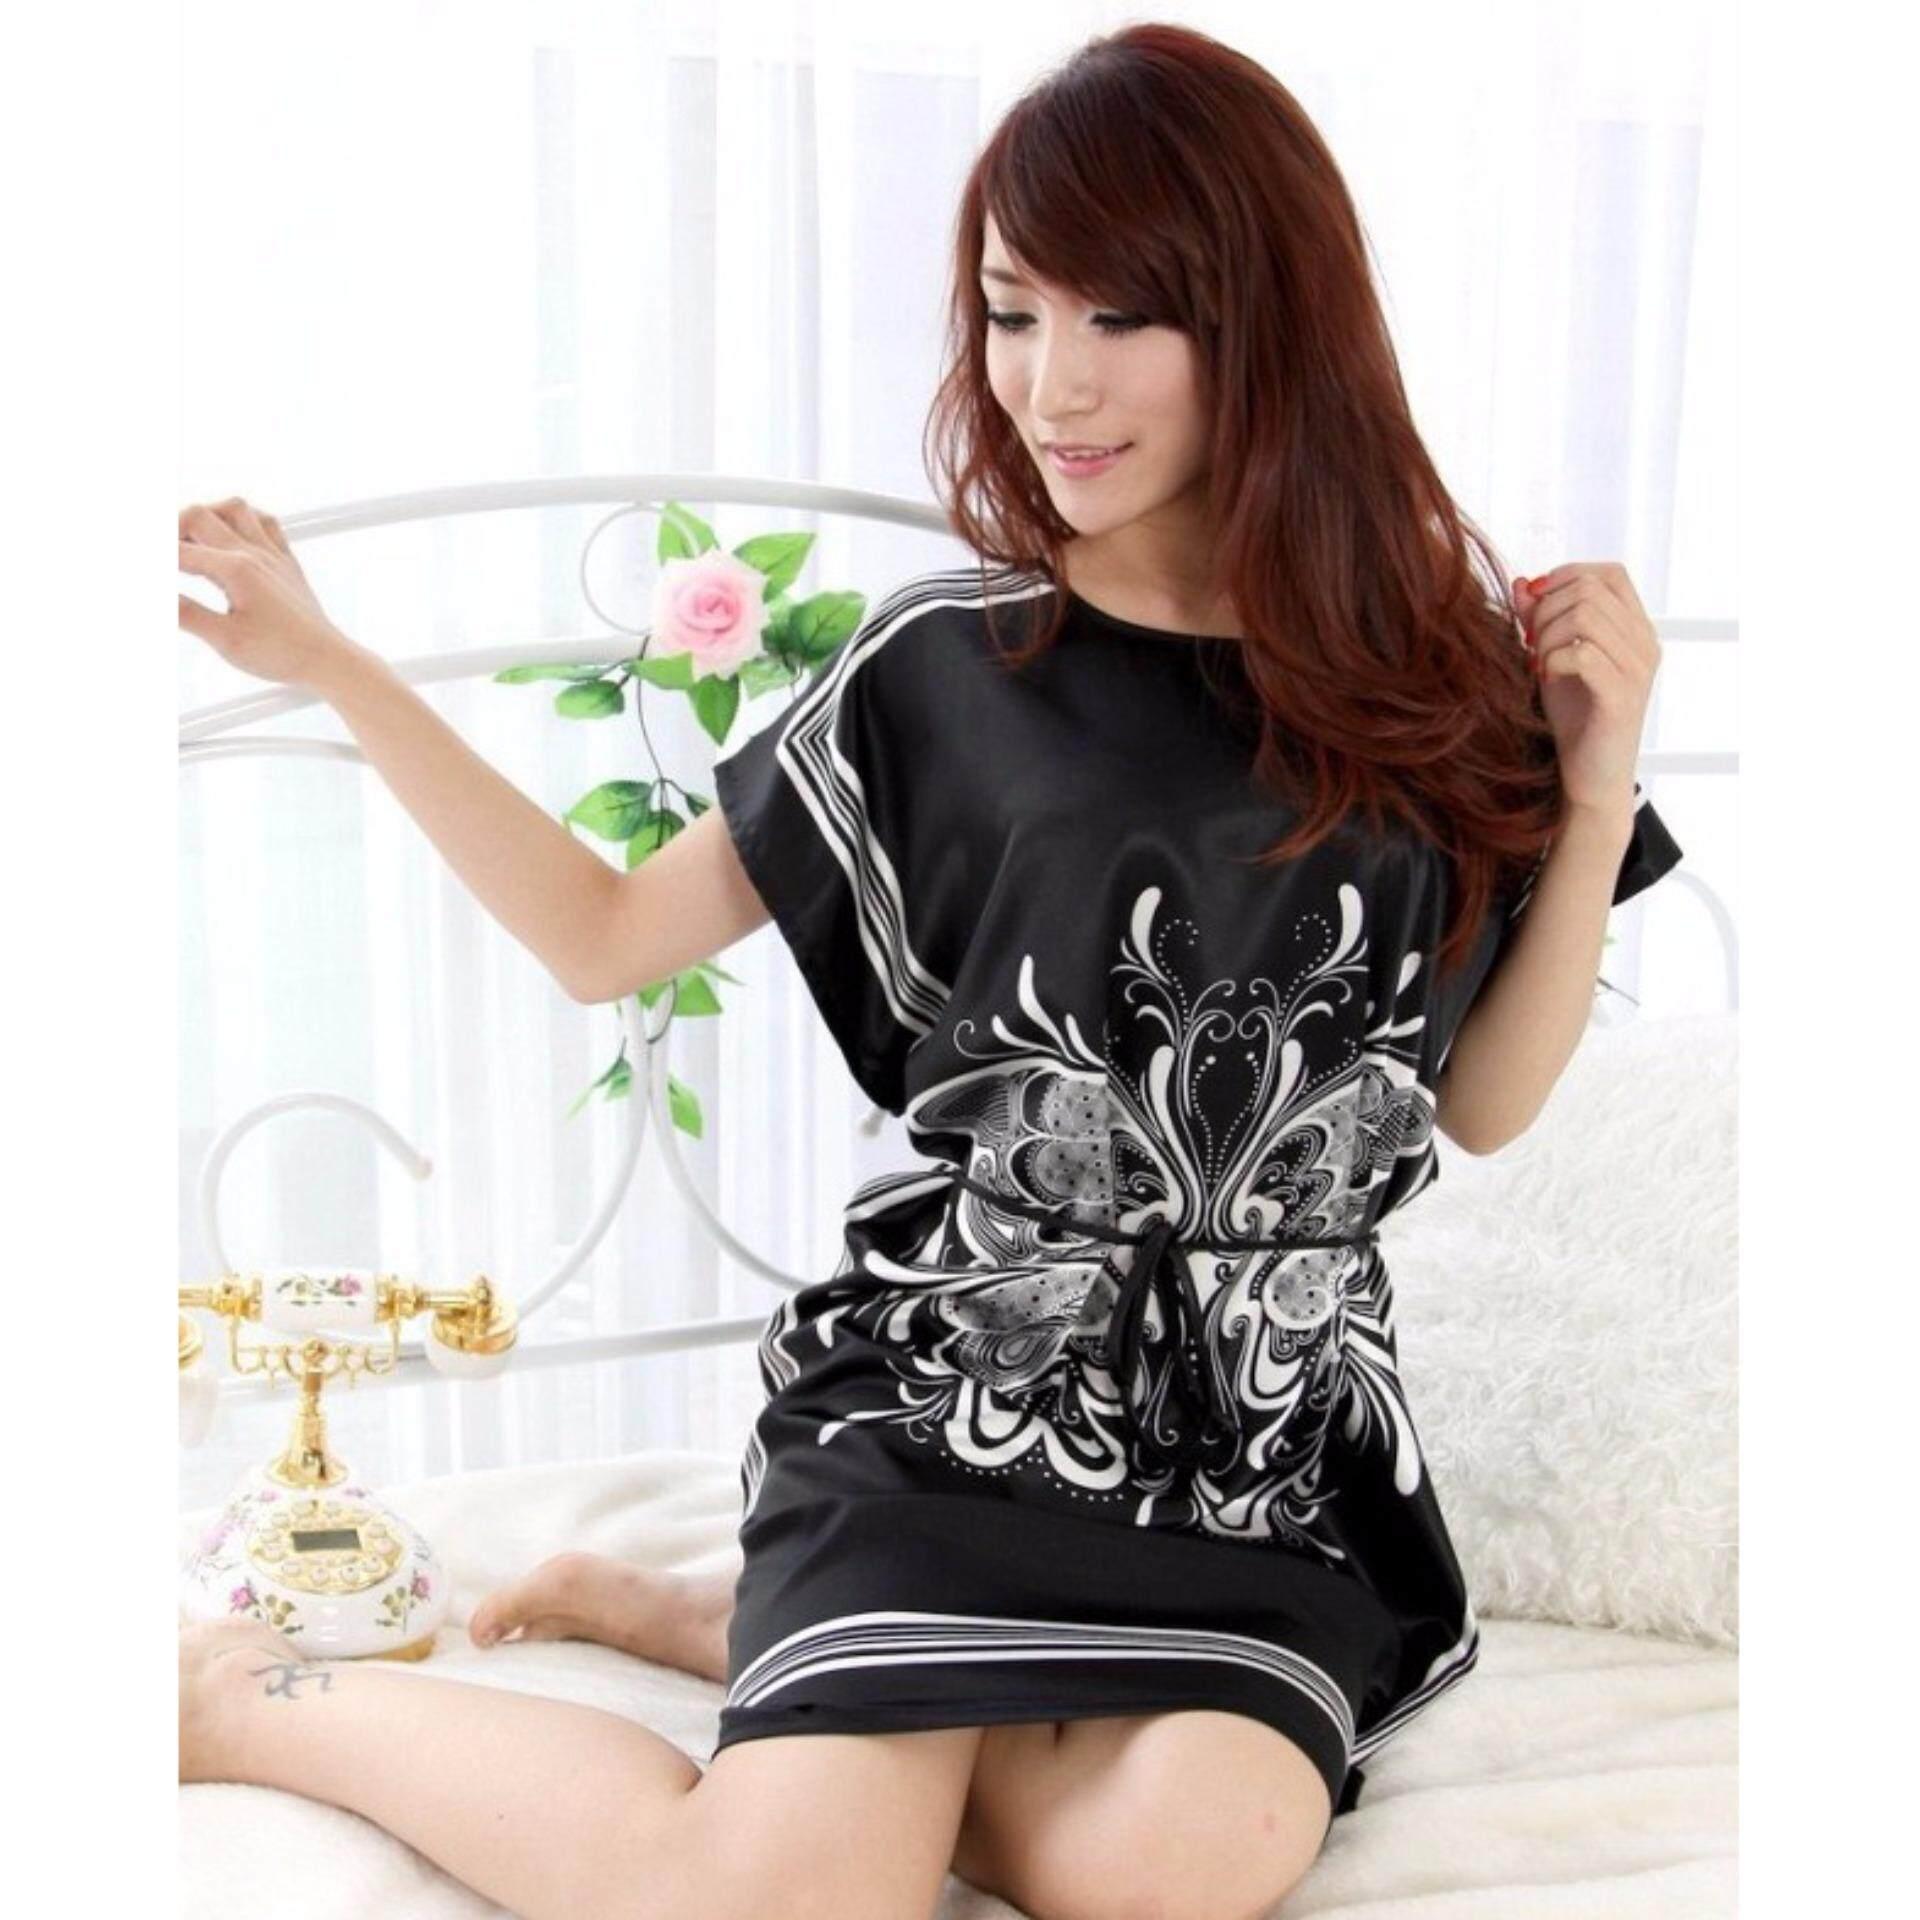 Butterfly Silk Night Wear - Black - 1pc